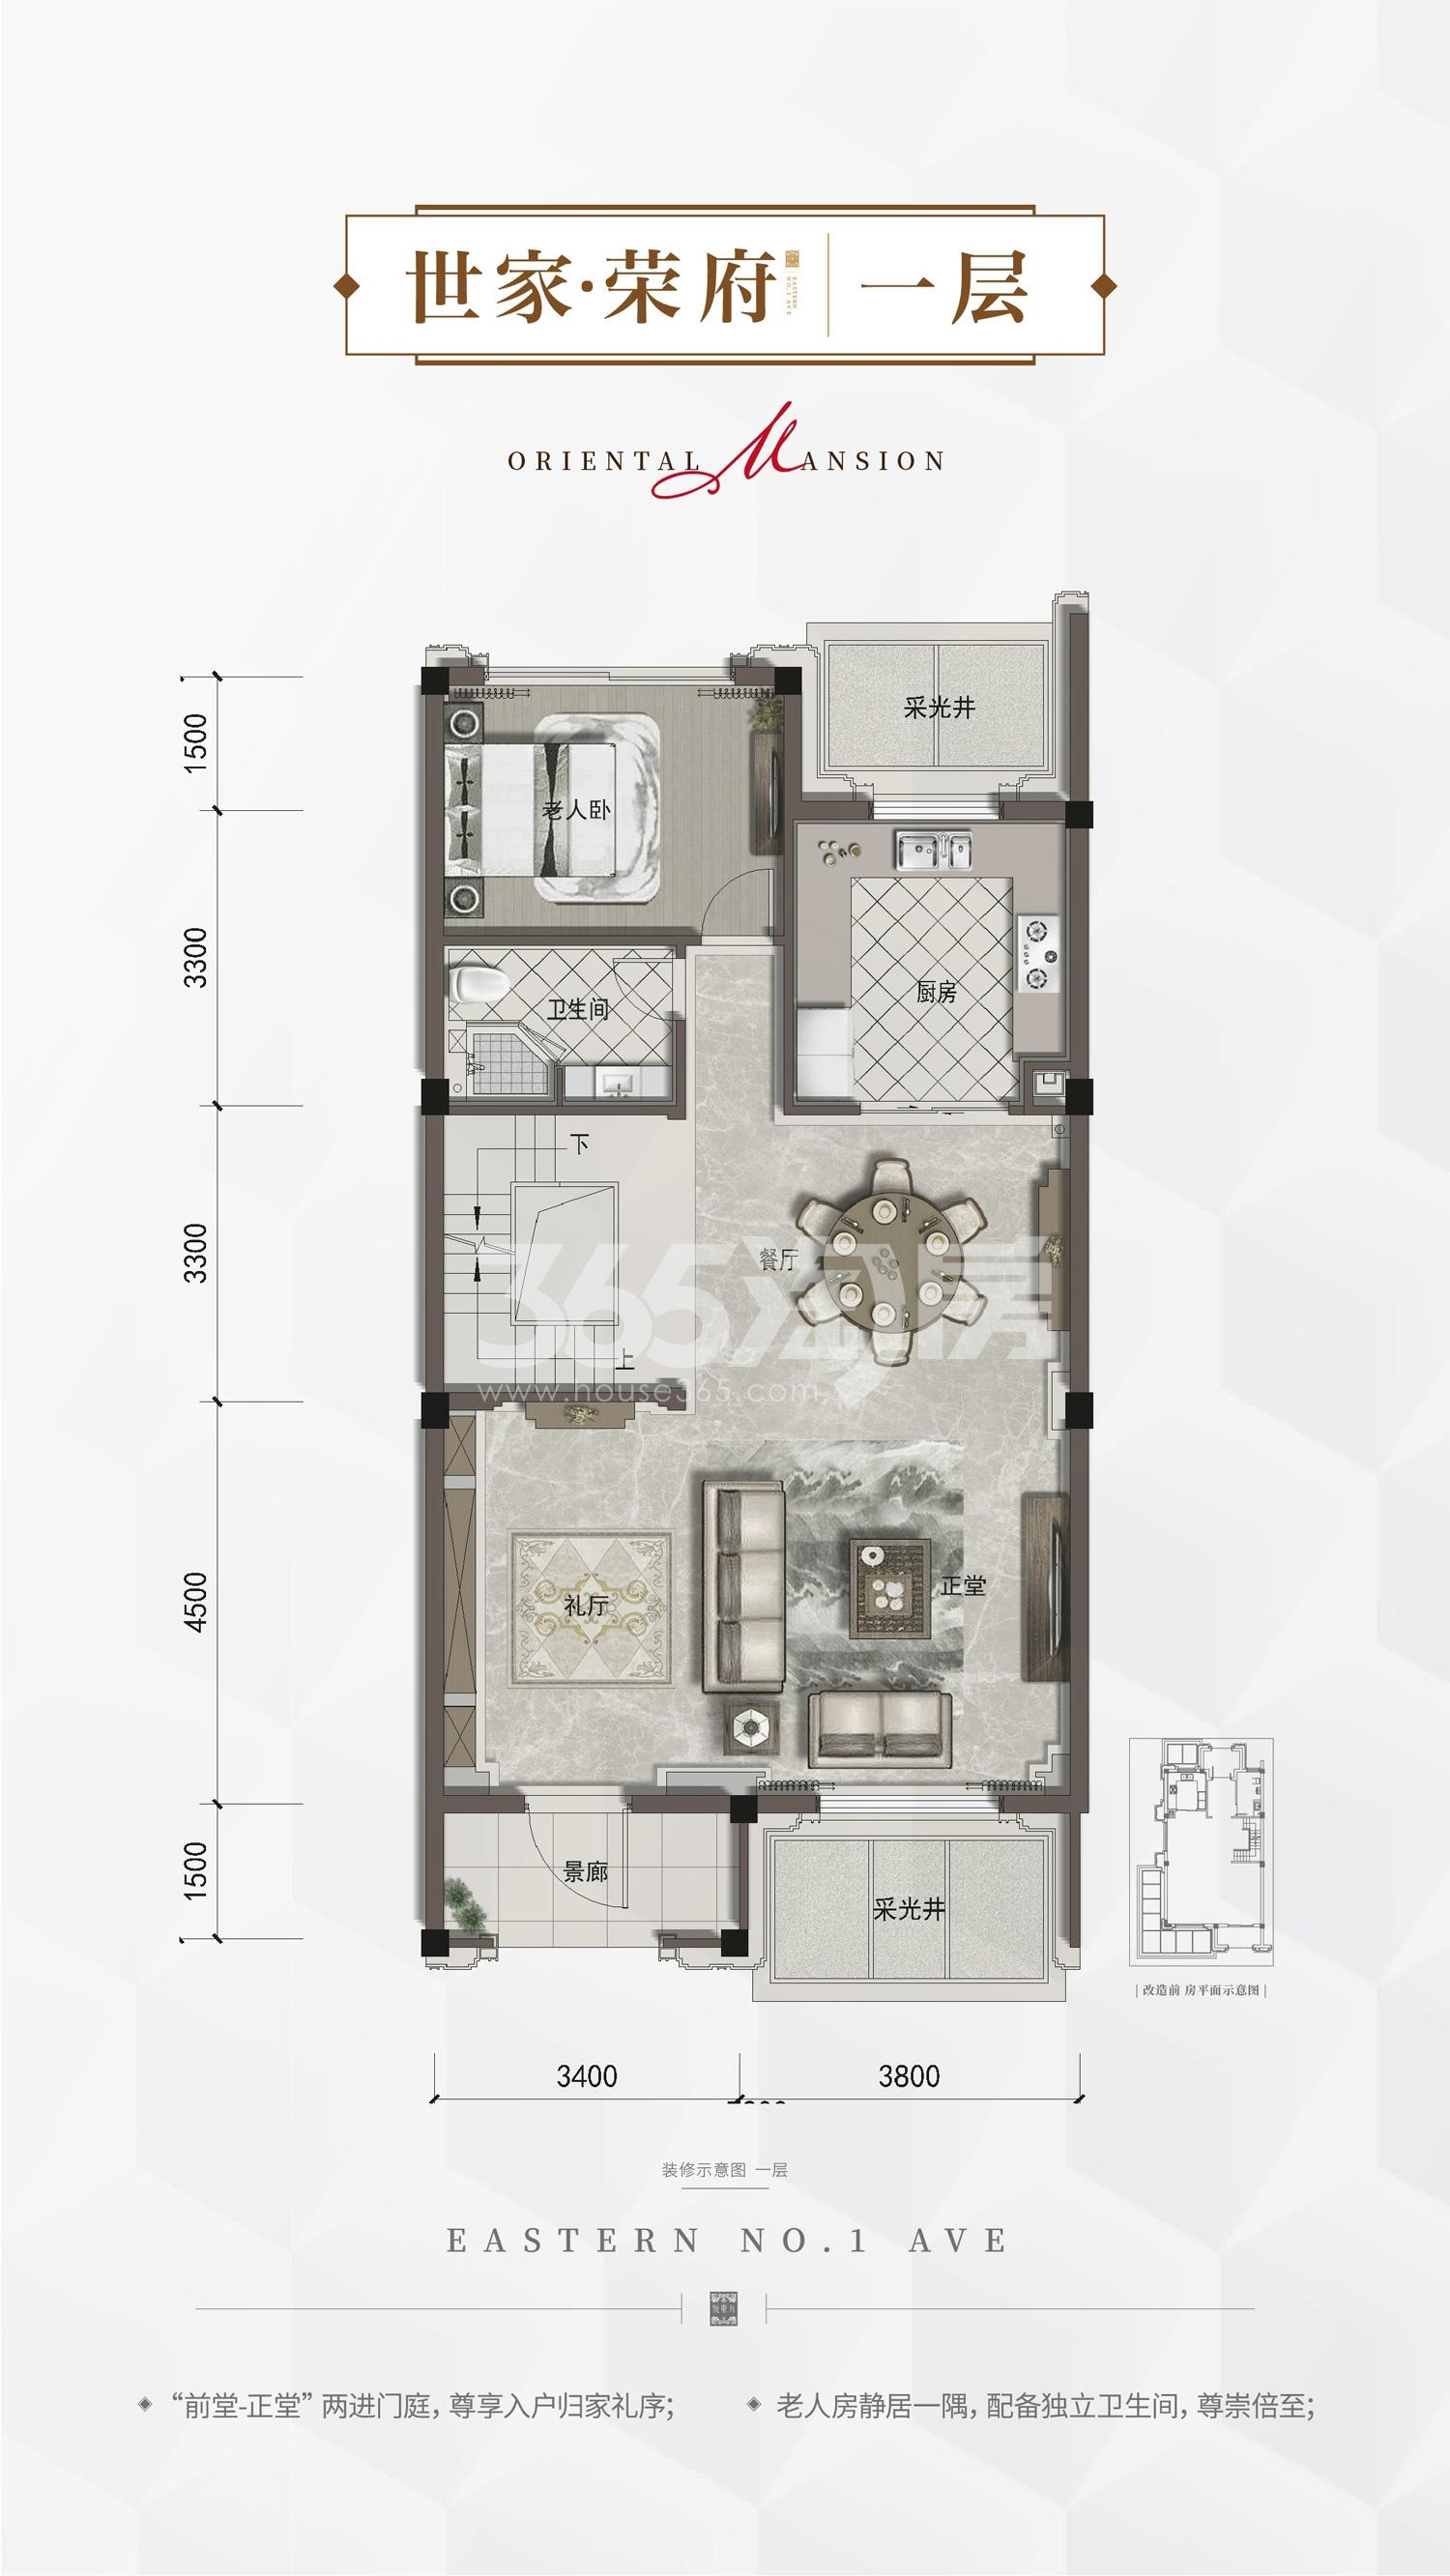 杭房悦东方排屋户型211方(一层)